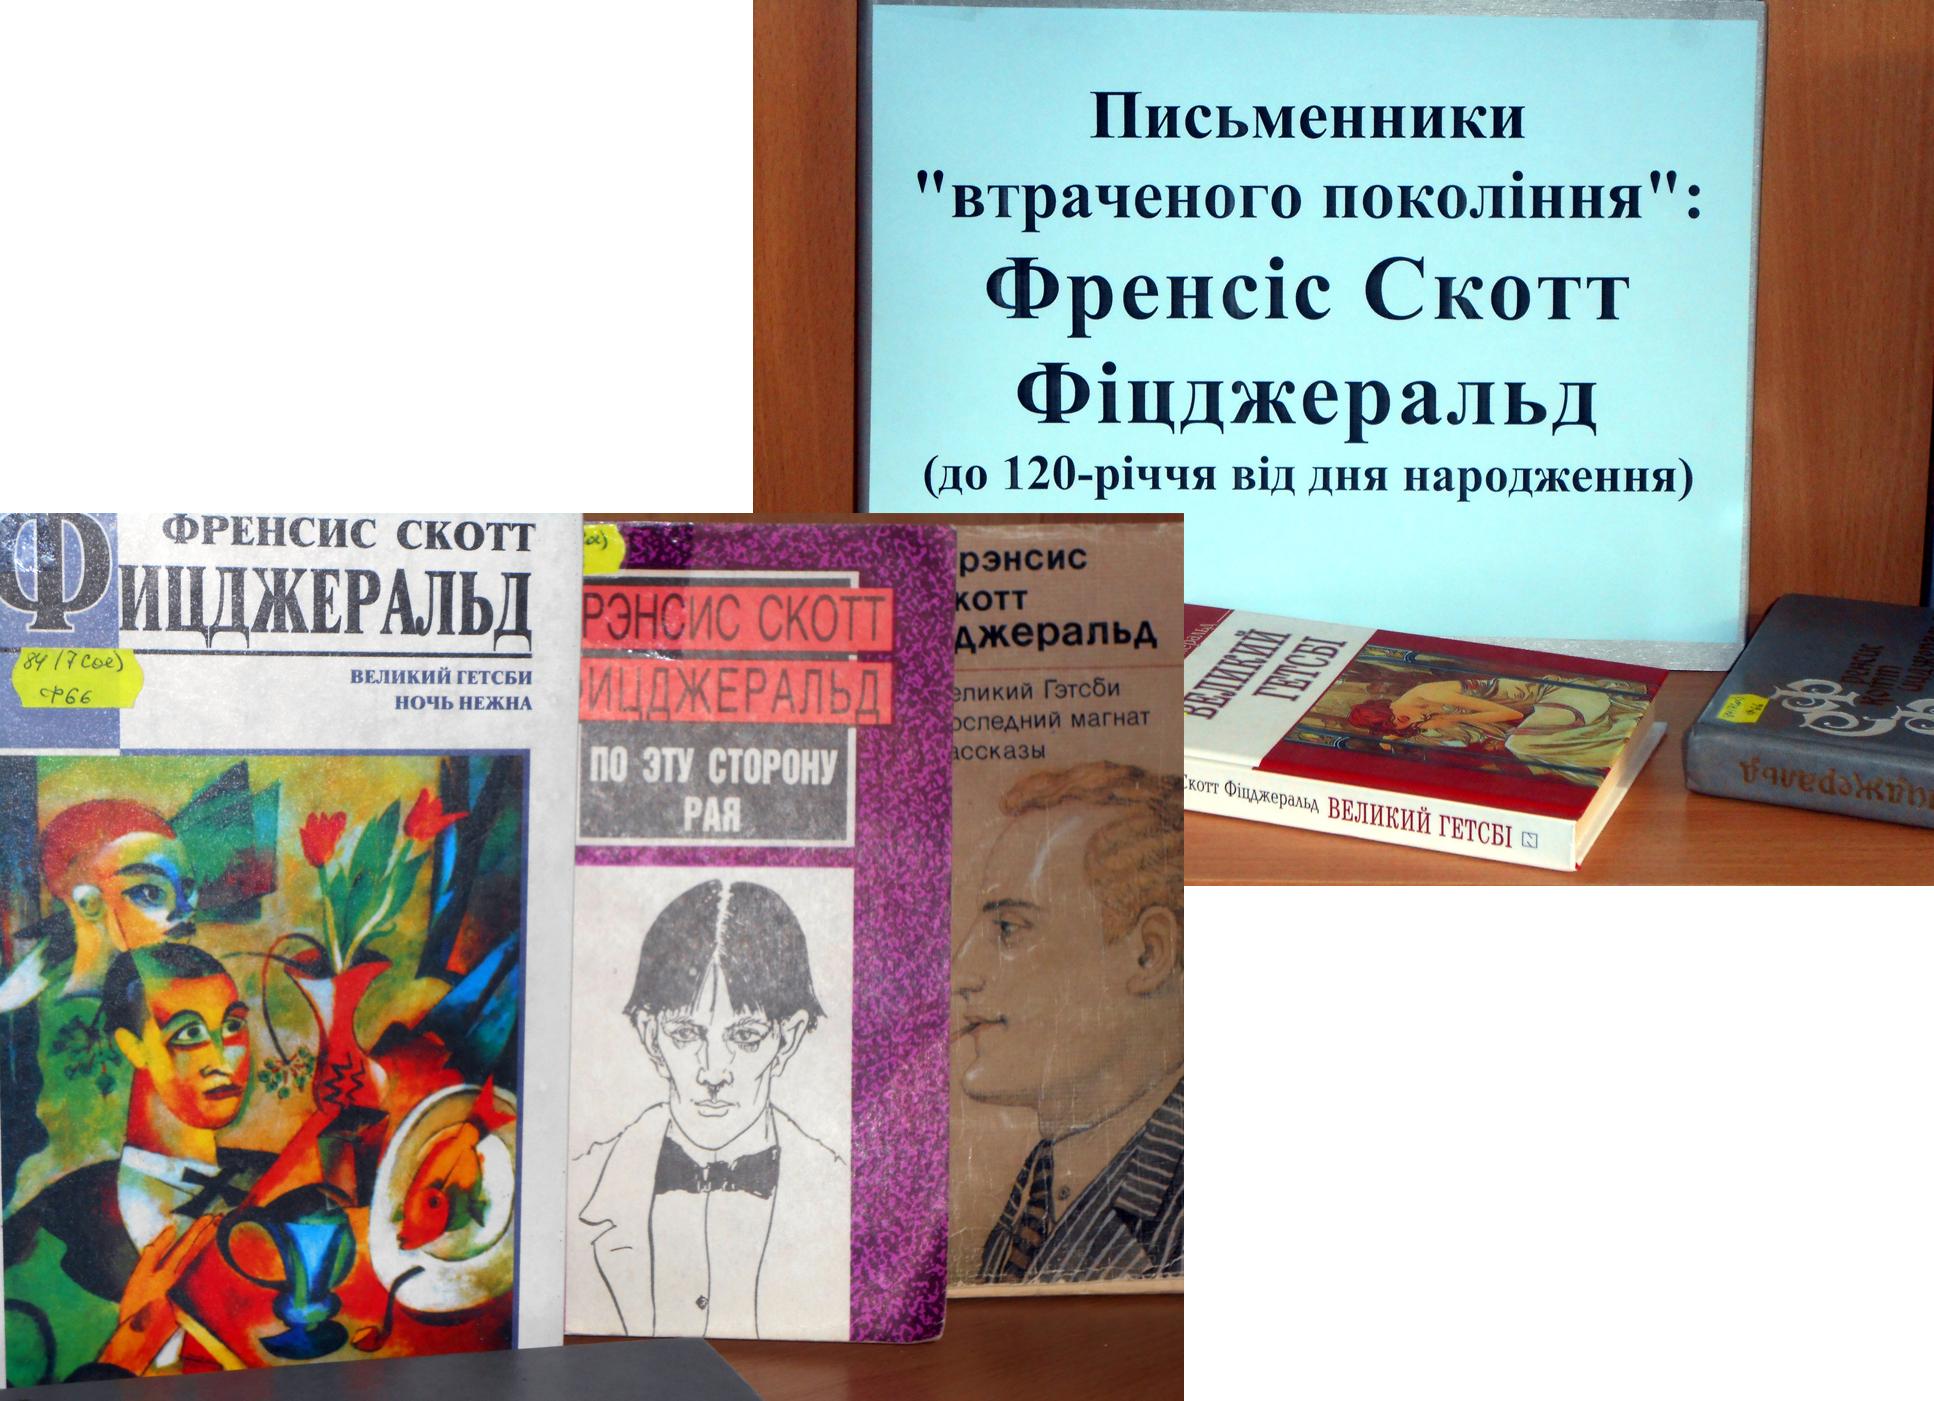 knyzhkovi_vystavky